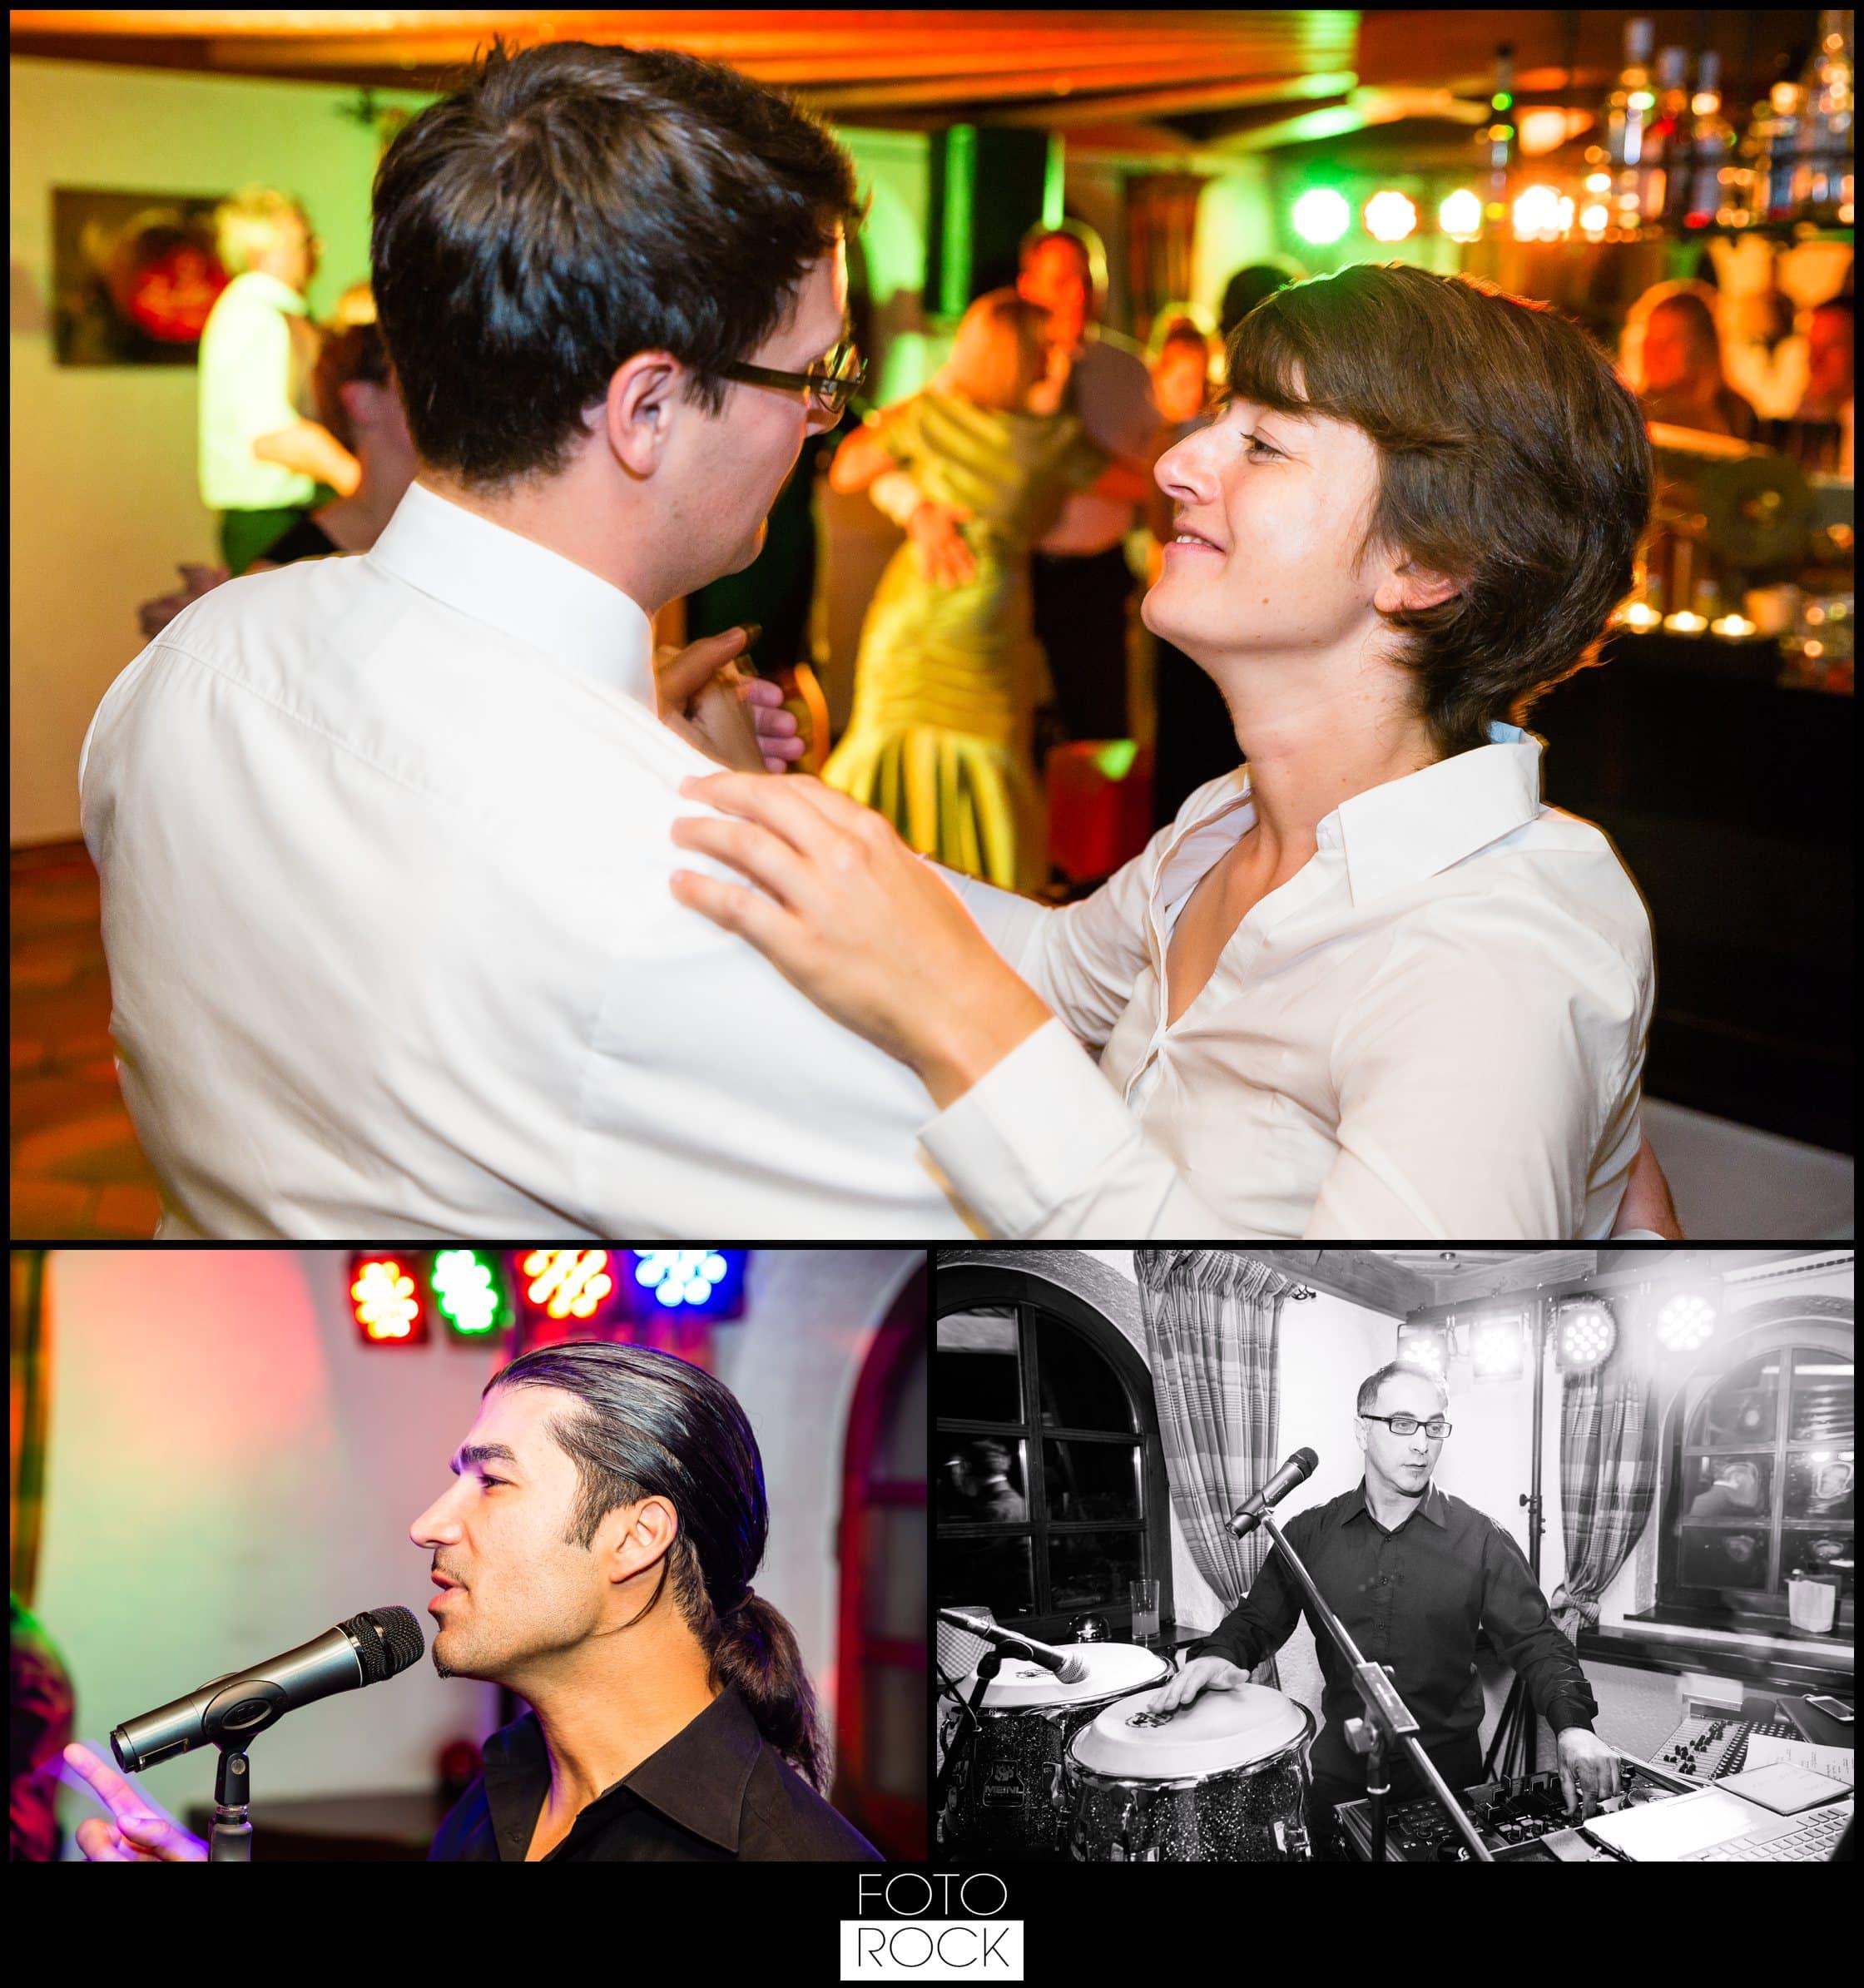 Hochzeit Adler Haeusern tanz party musik